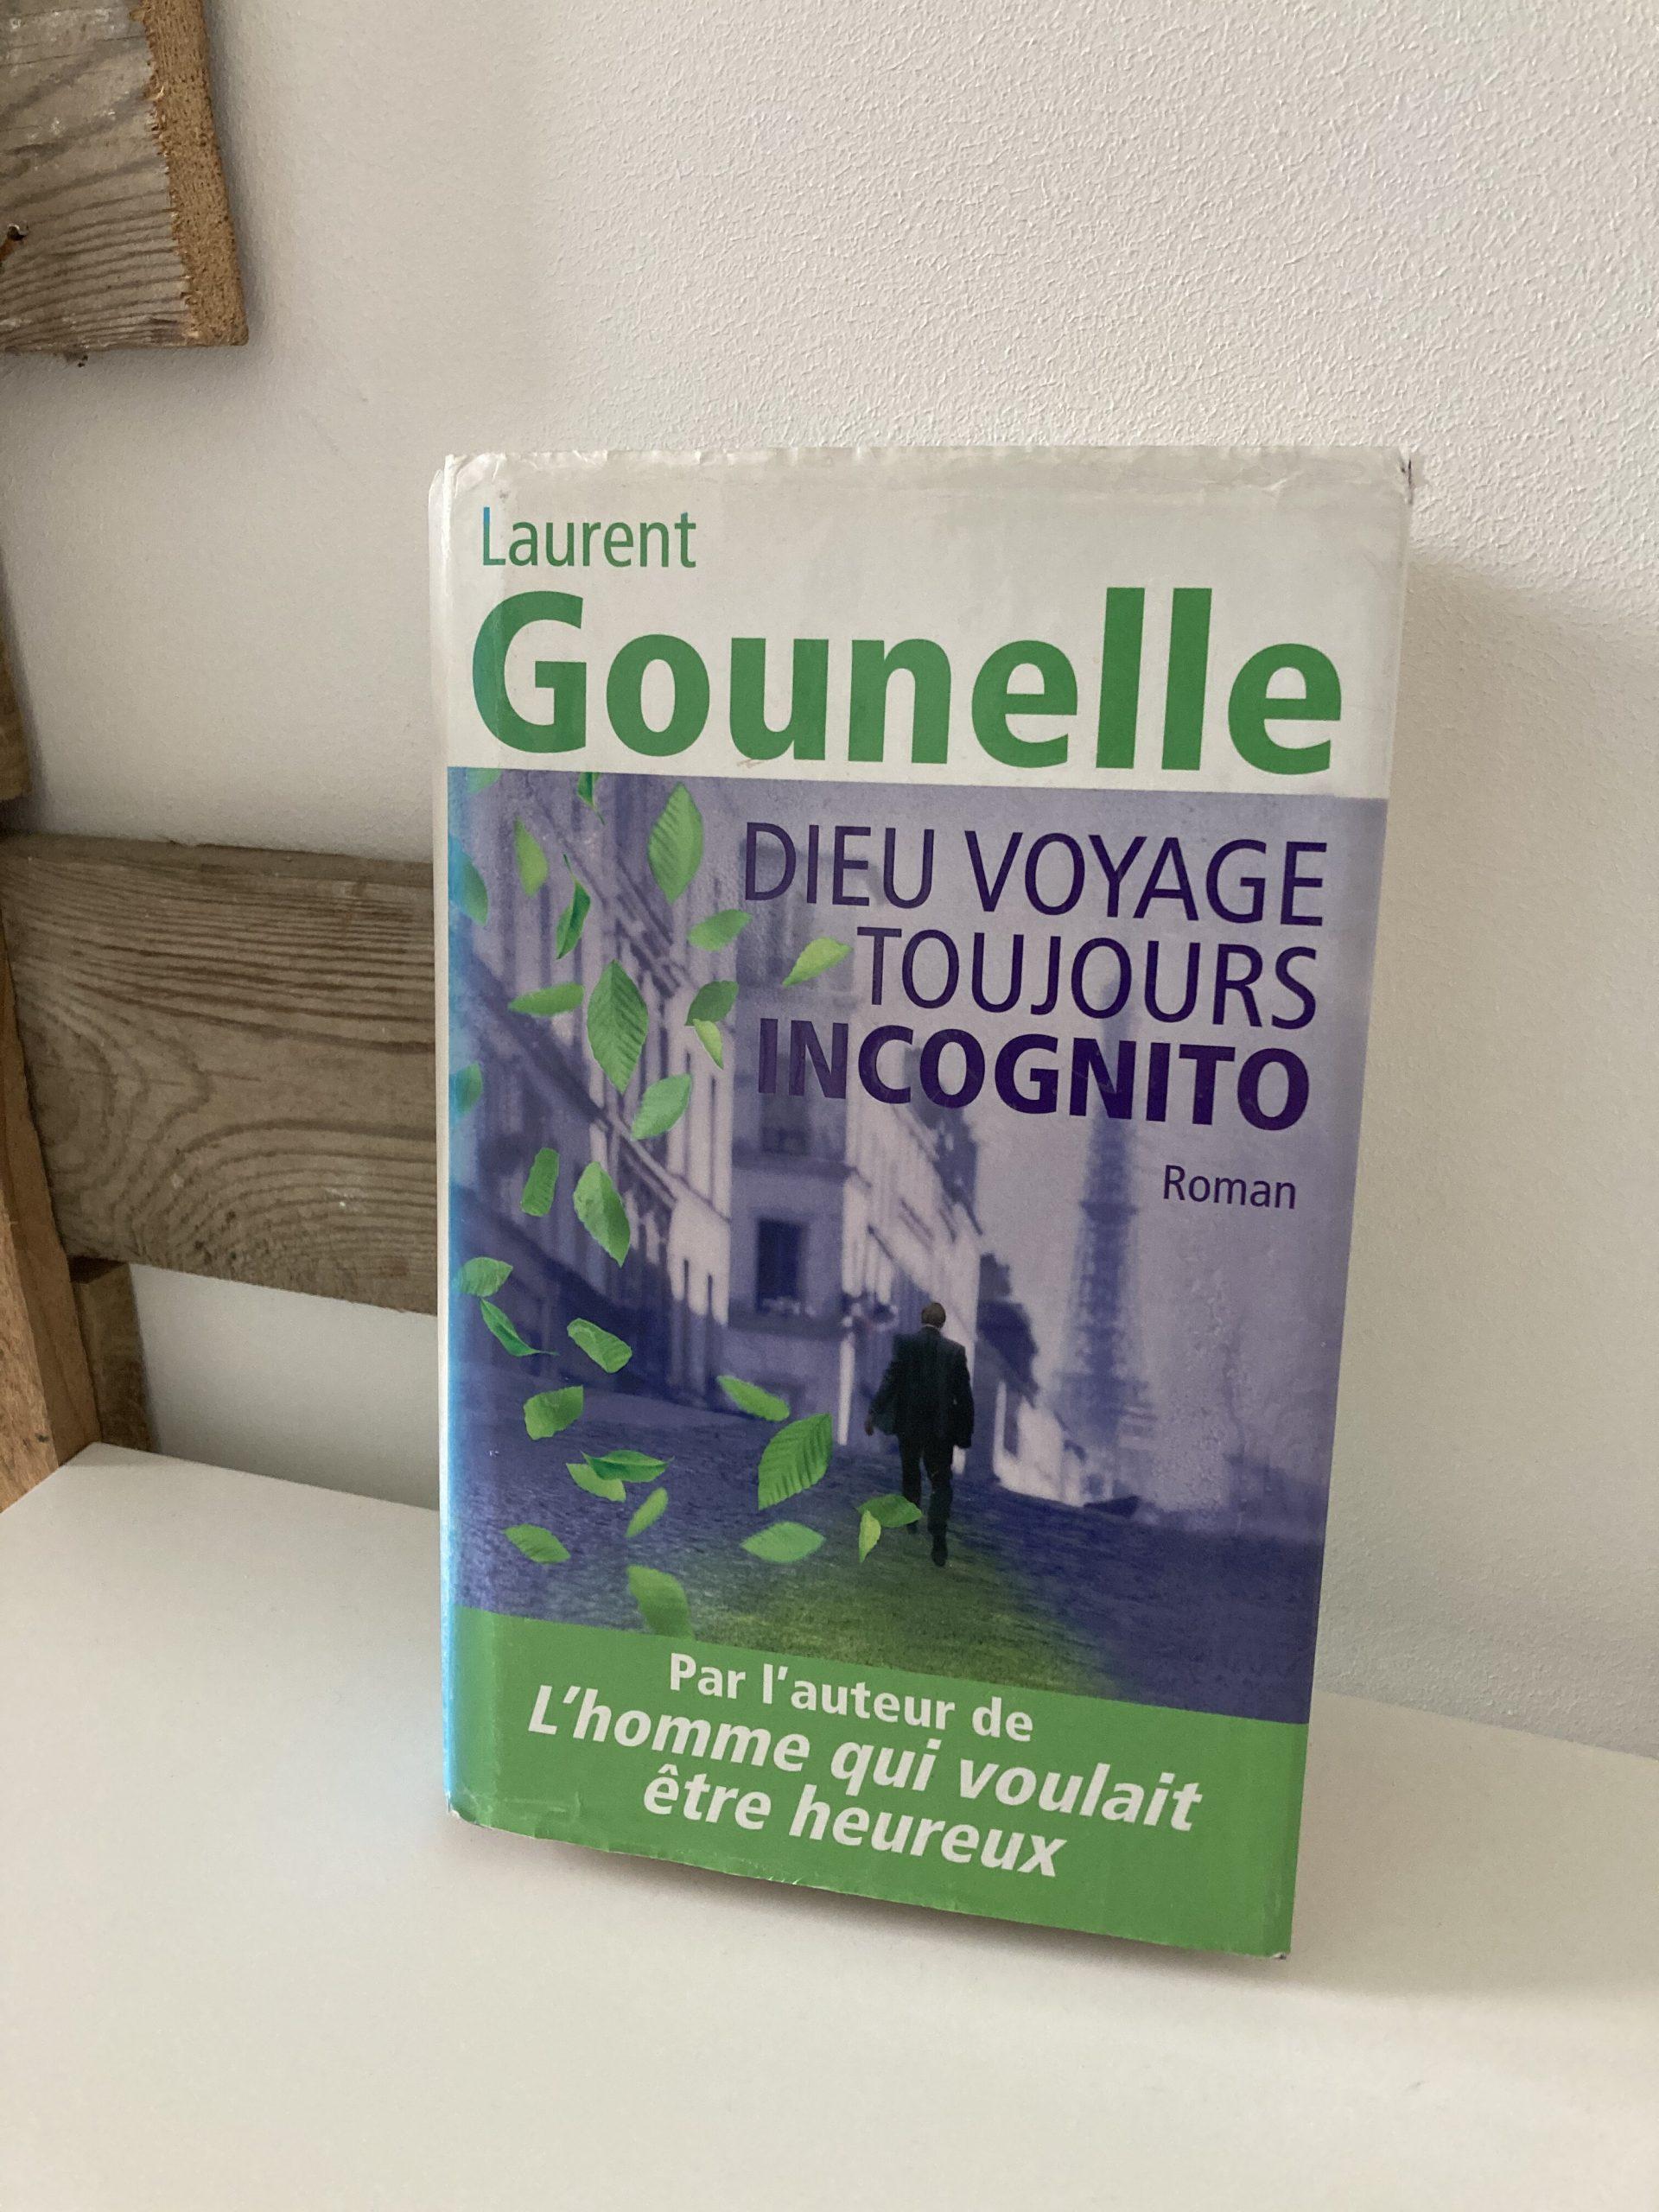 Livre de Laurent Gounelle : Dieu voyage toujours incognito